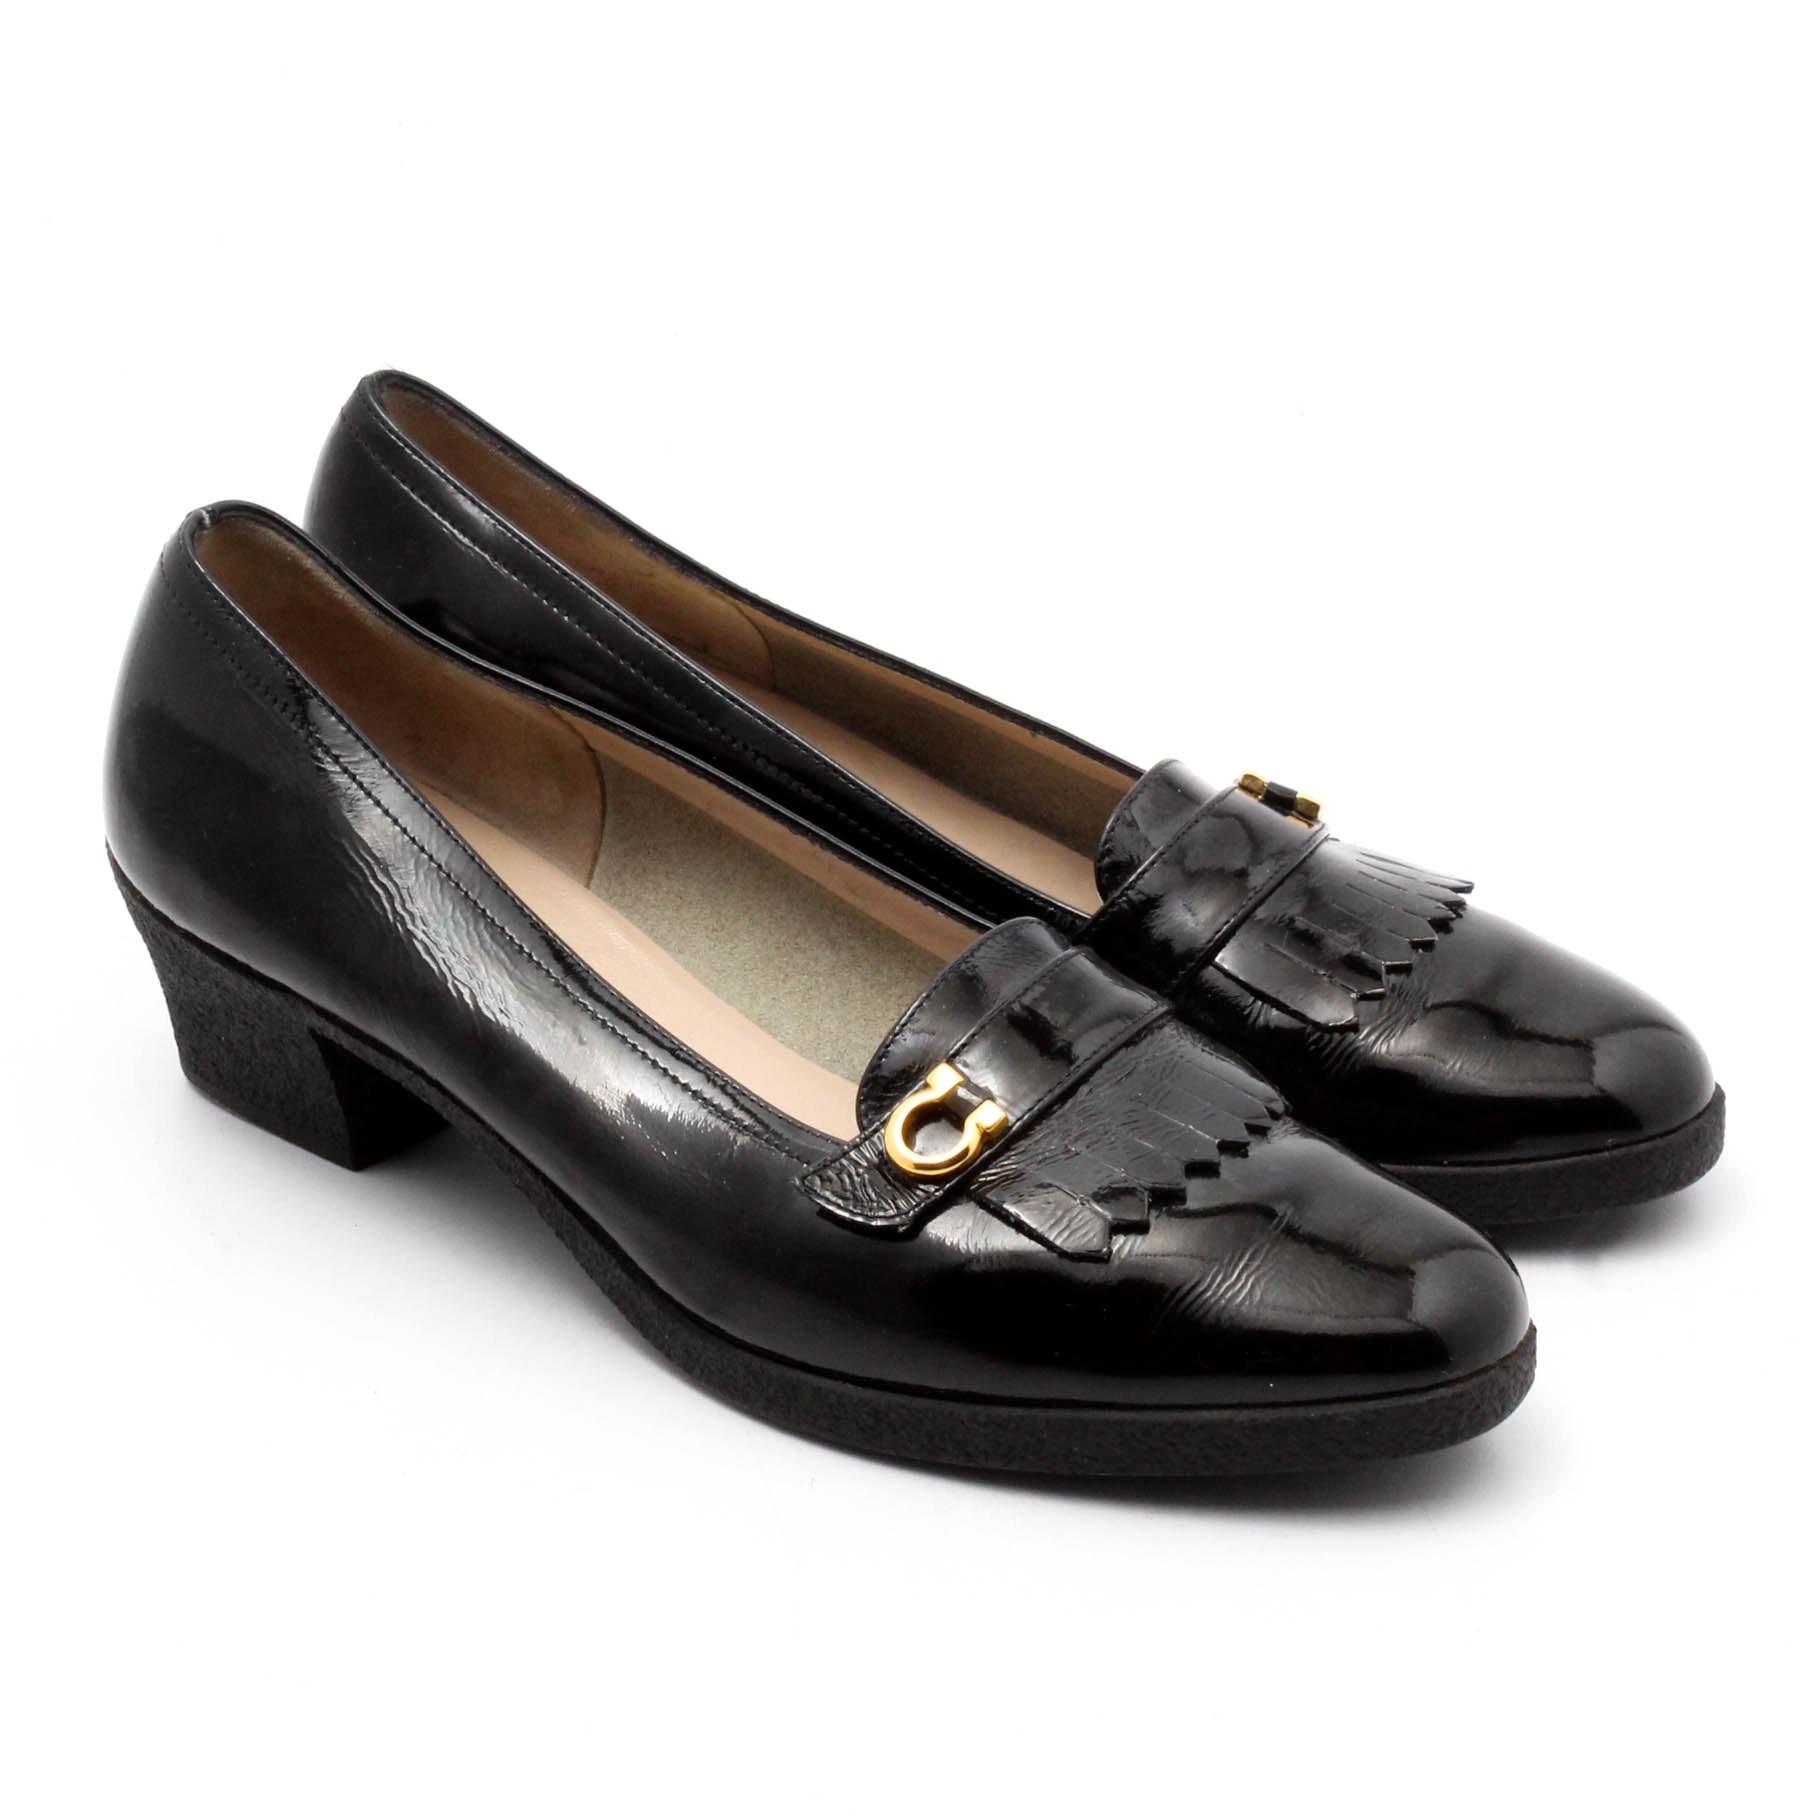 Women's Salvatore Ferragamo Black Patent Leather Loafers